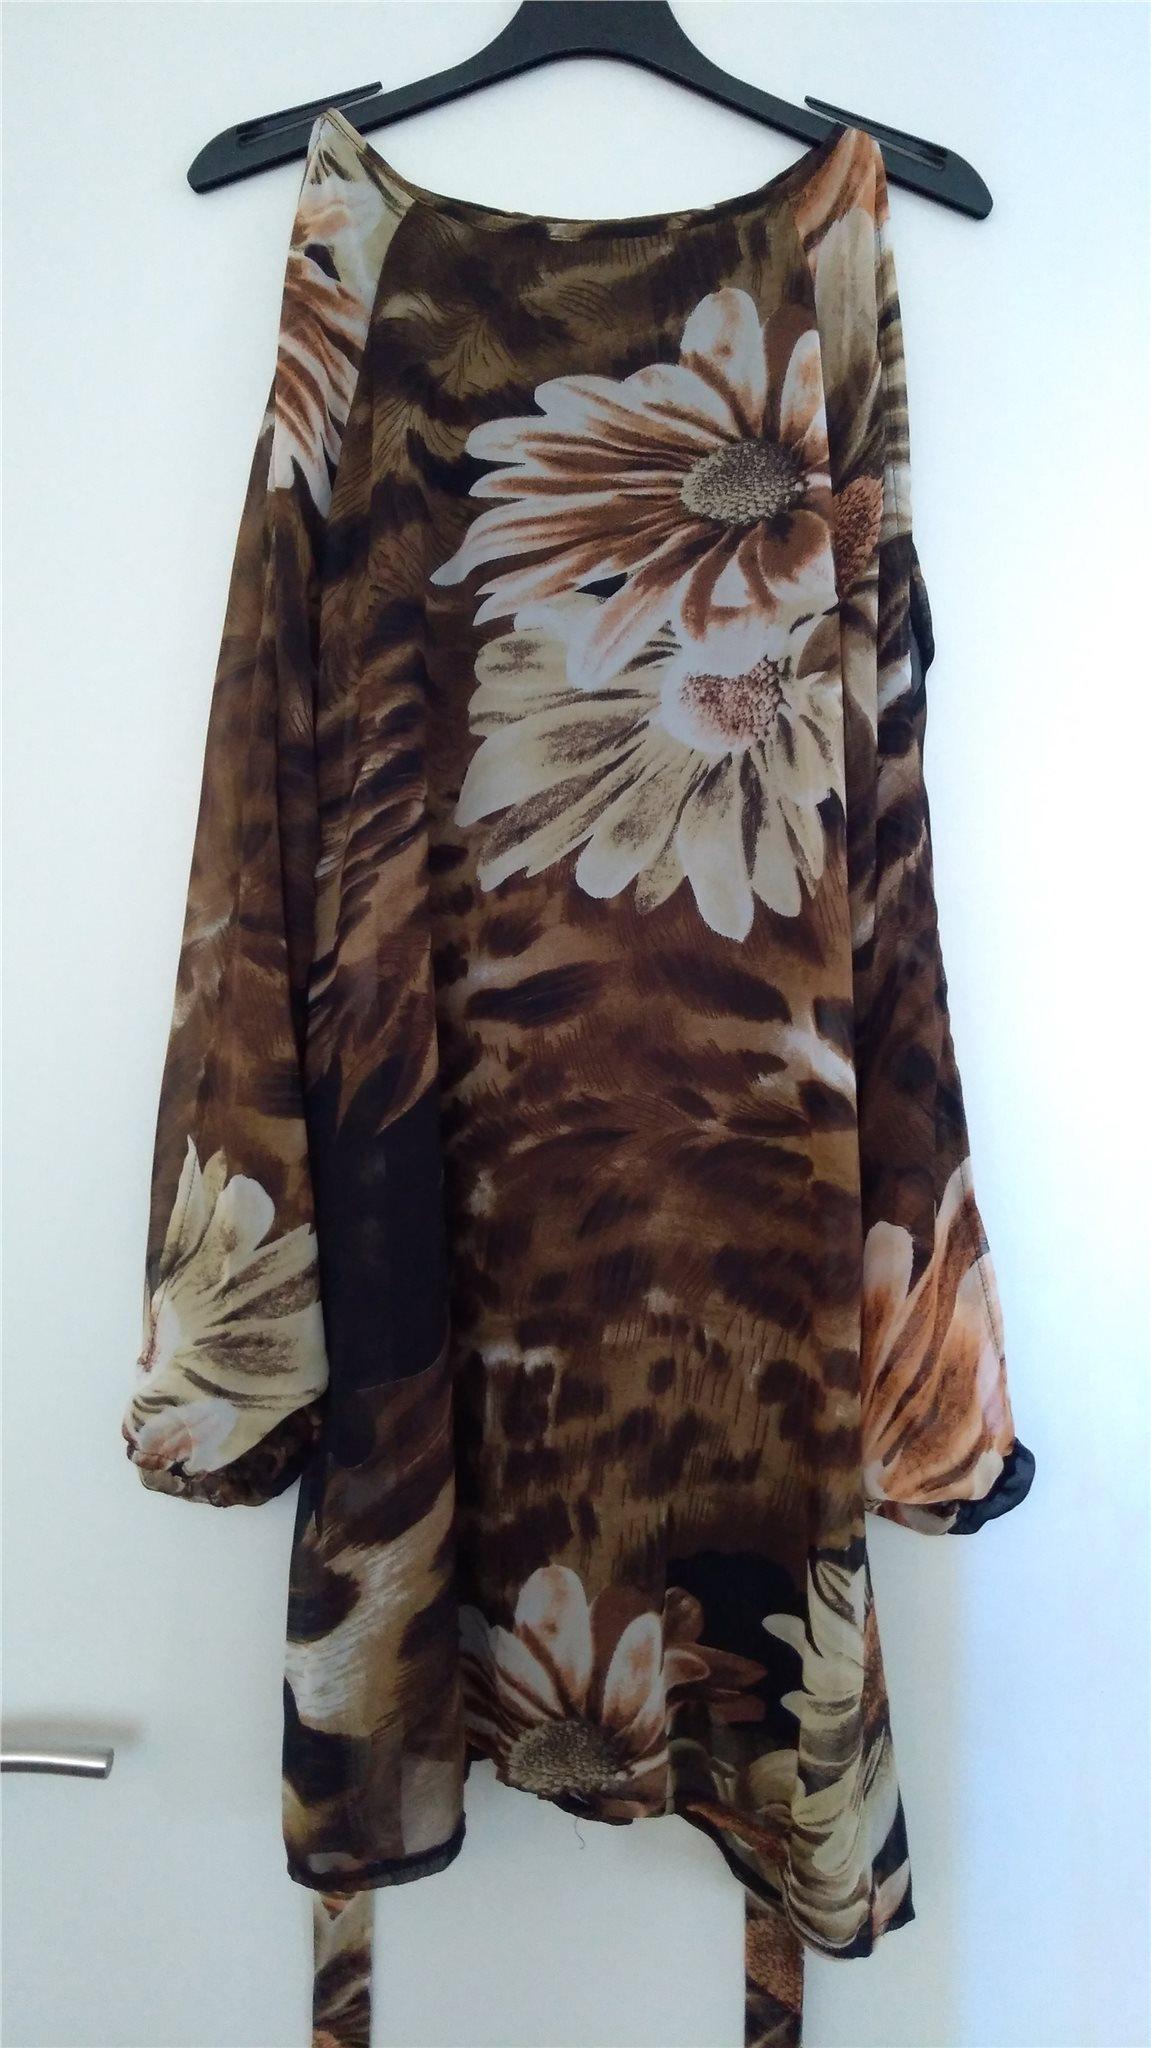 a8944748709e Brun klänning med blommor på från Sisters Point.. (338455265) ᐈ Köp ...